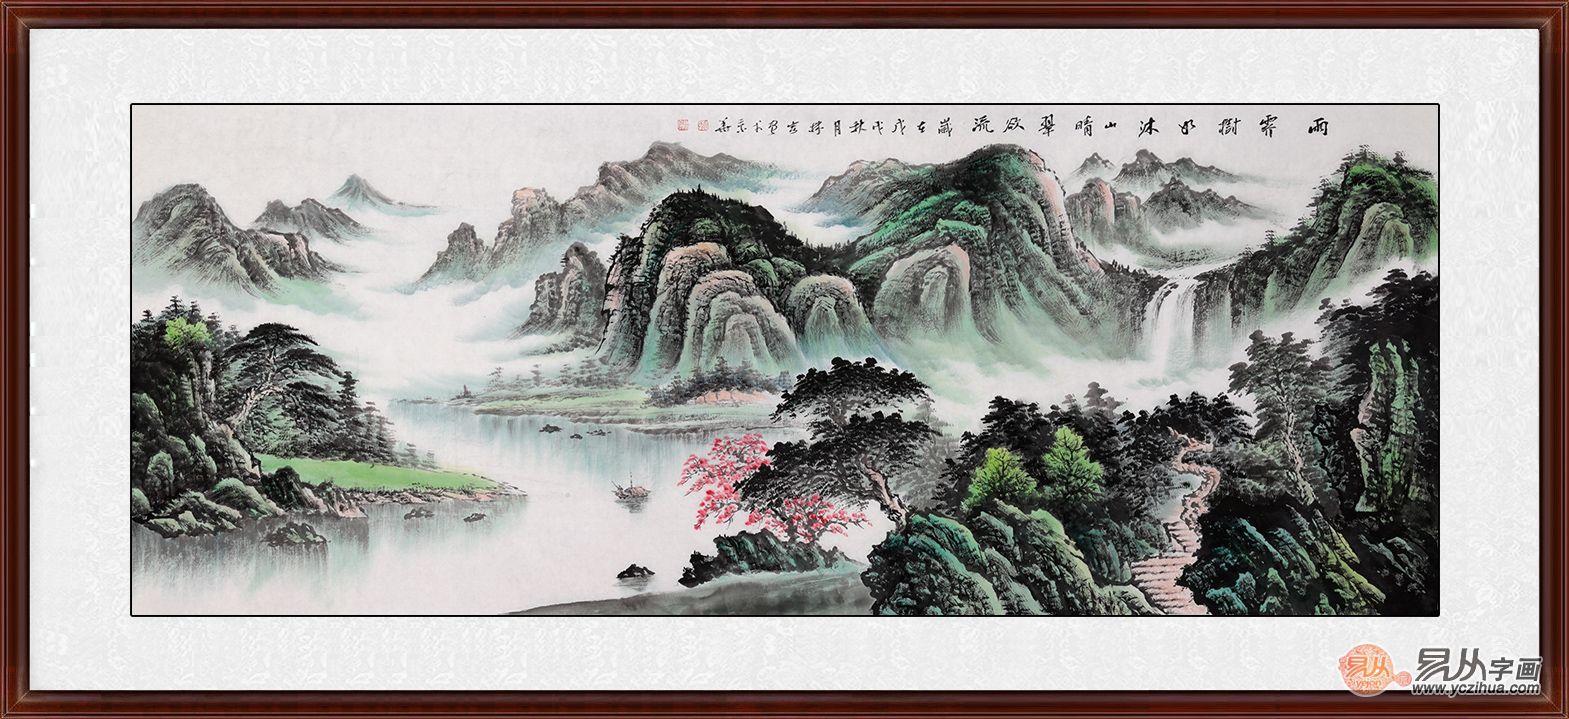 酒店装饰画的选择:环境氛围很重要,三大题材山水画塑造绝佳酒店